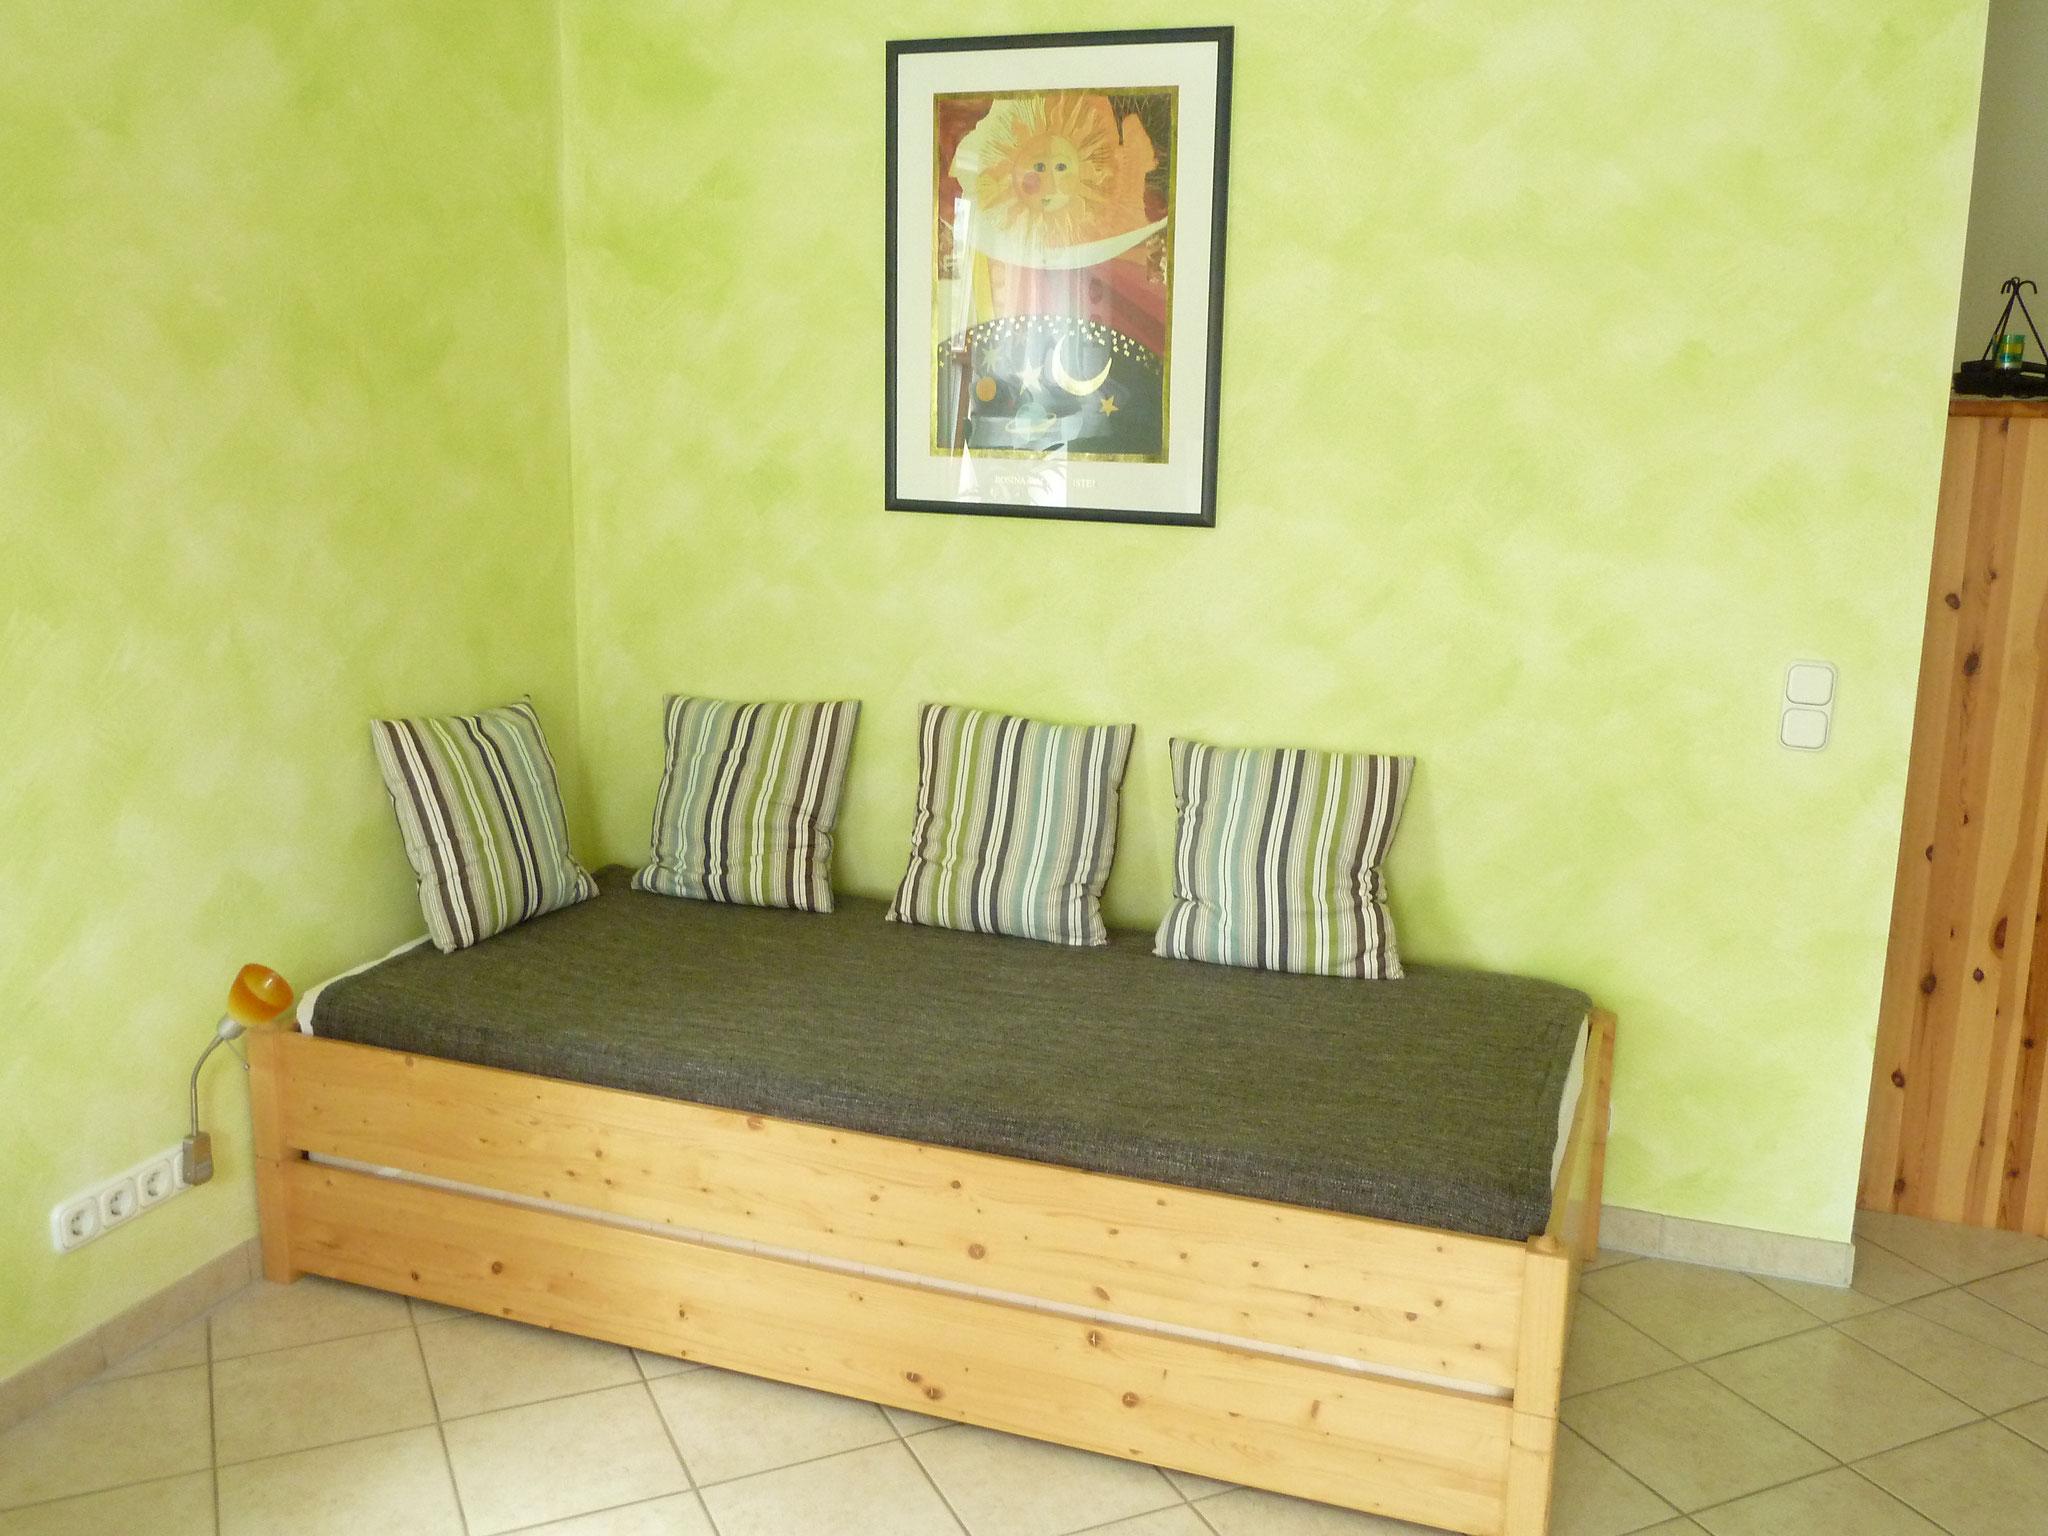 Stapelbett im Wohnzimmer